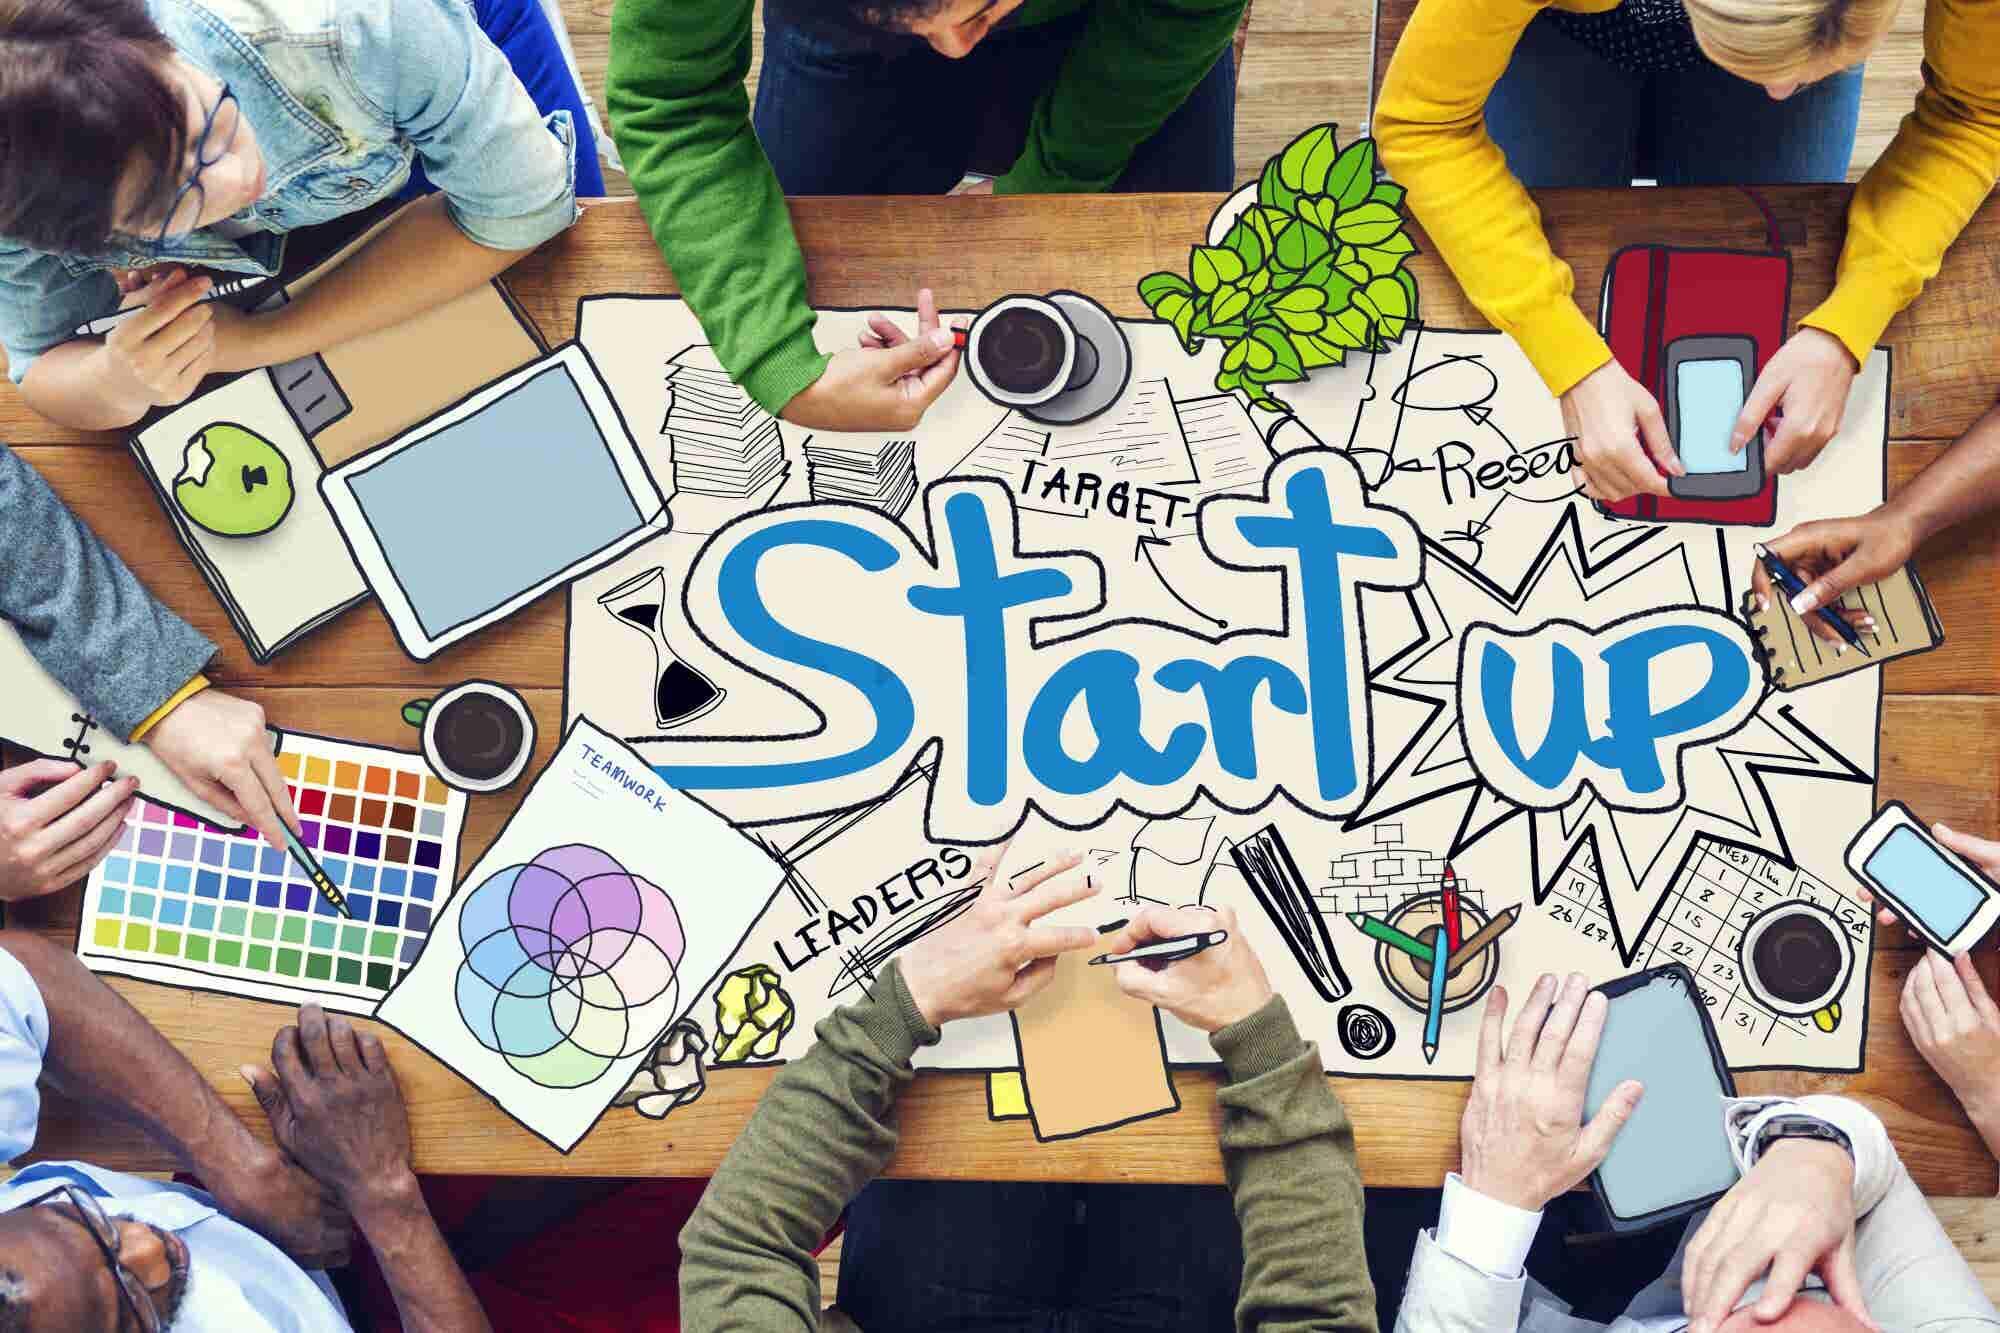 Startup Challenge 2018, el reto con el que puedes ganar 100 mil pesos